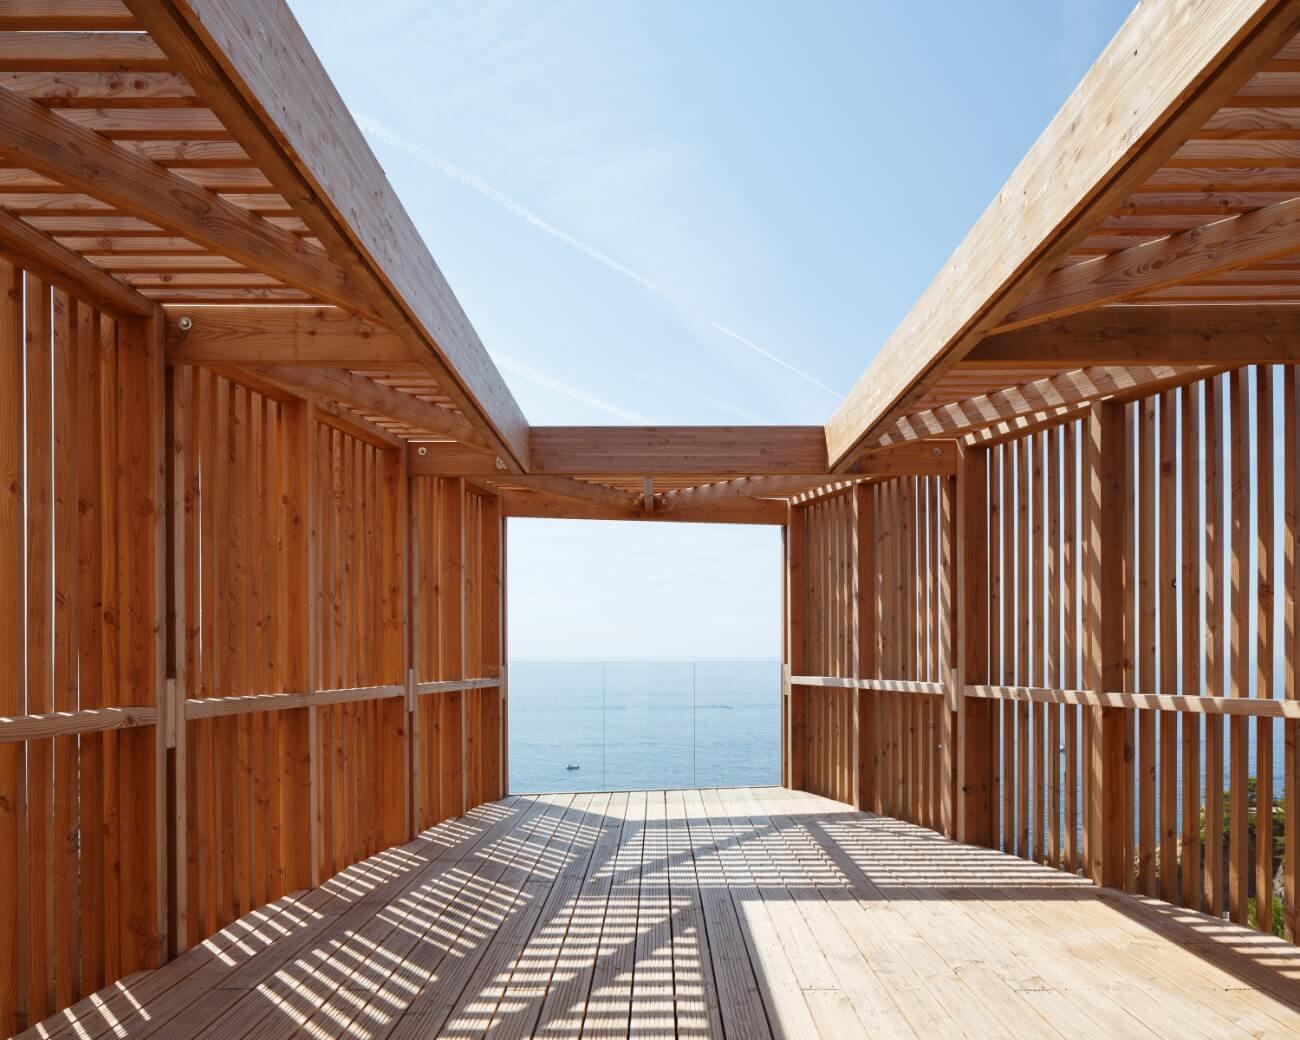 Photo © Avenir Bois Construction / Construction d'une maison sur pilotis bois